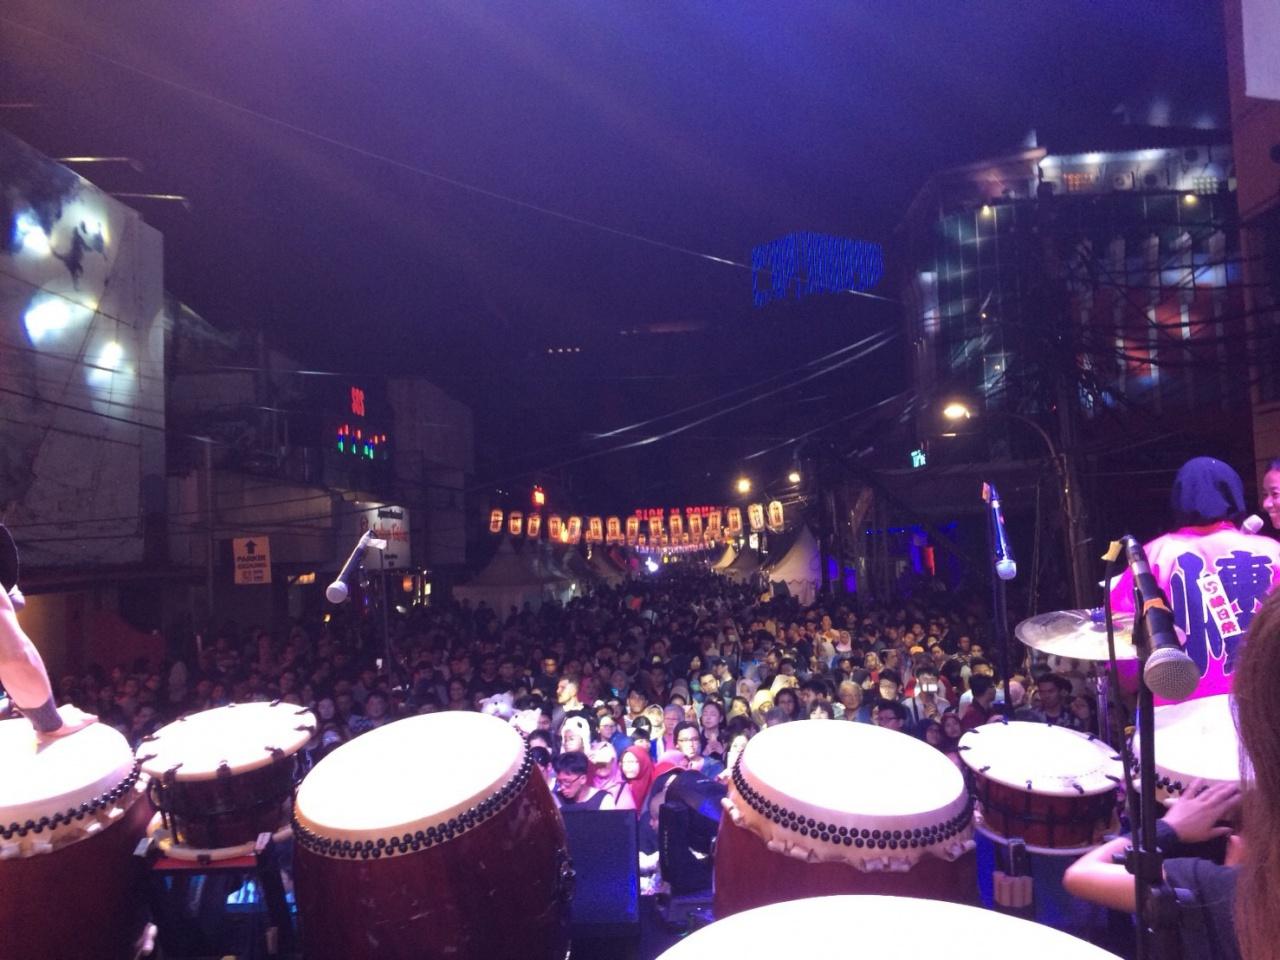 インドネシアで開催される『ジャカルタ縁日祭』に和太鼓アマチュア ...